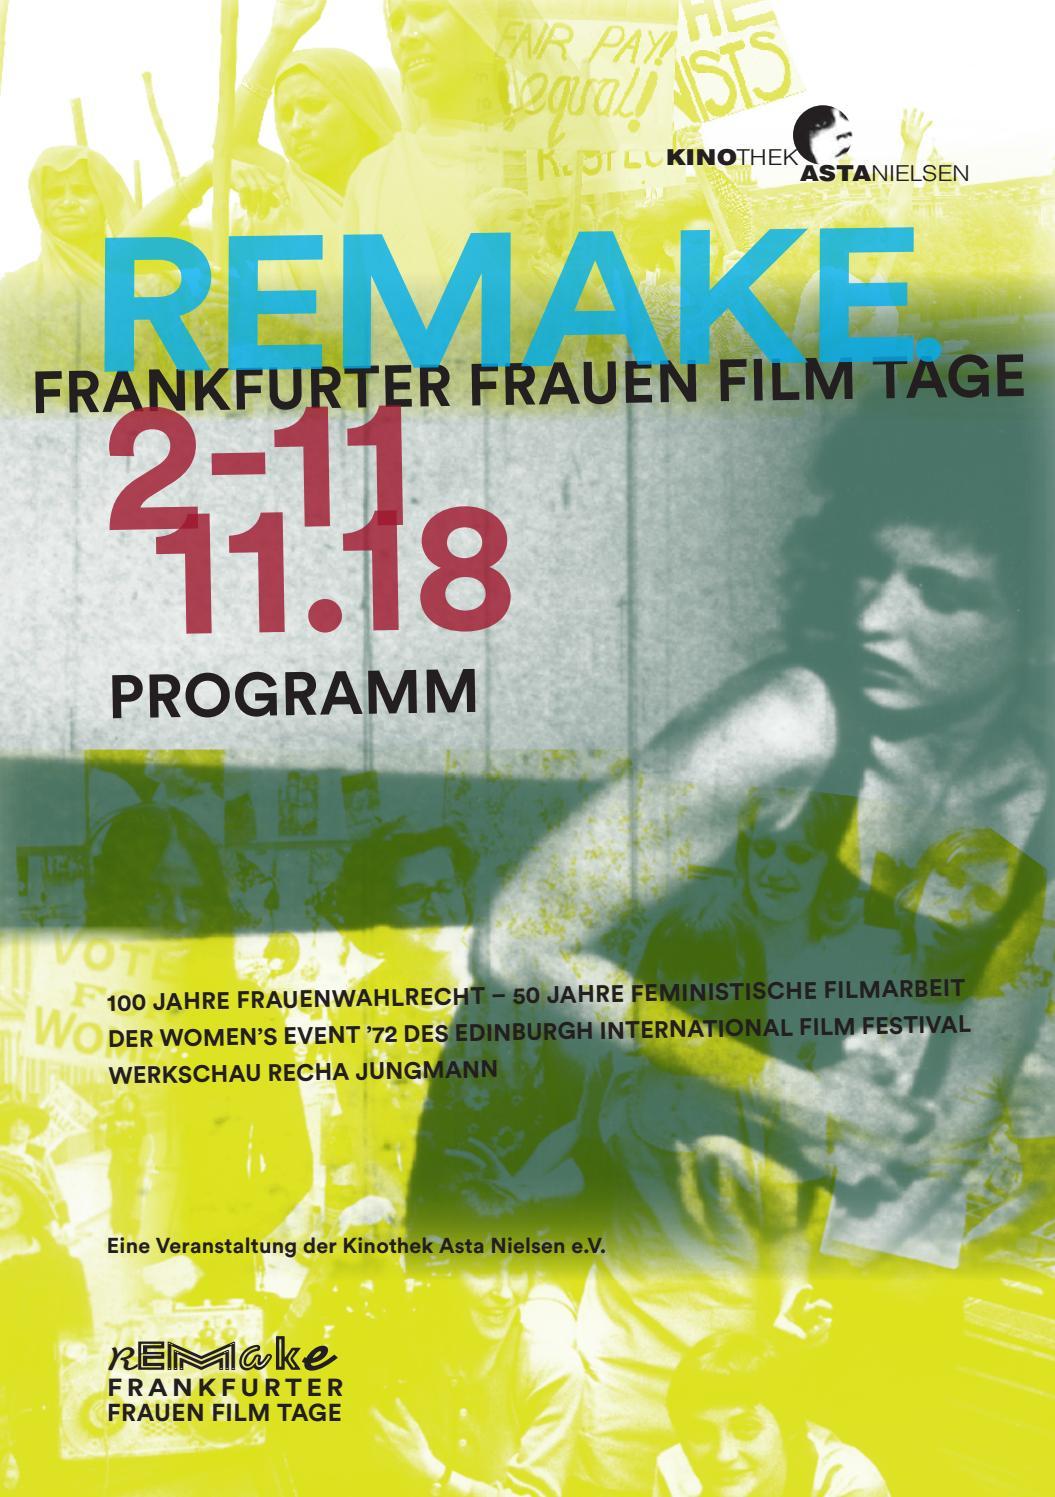 Remake Frankfurter Frauen Film Tage By Kinothek Asta